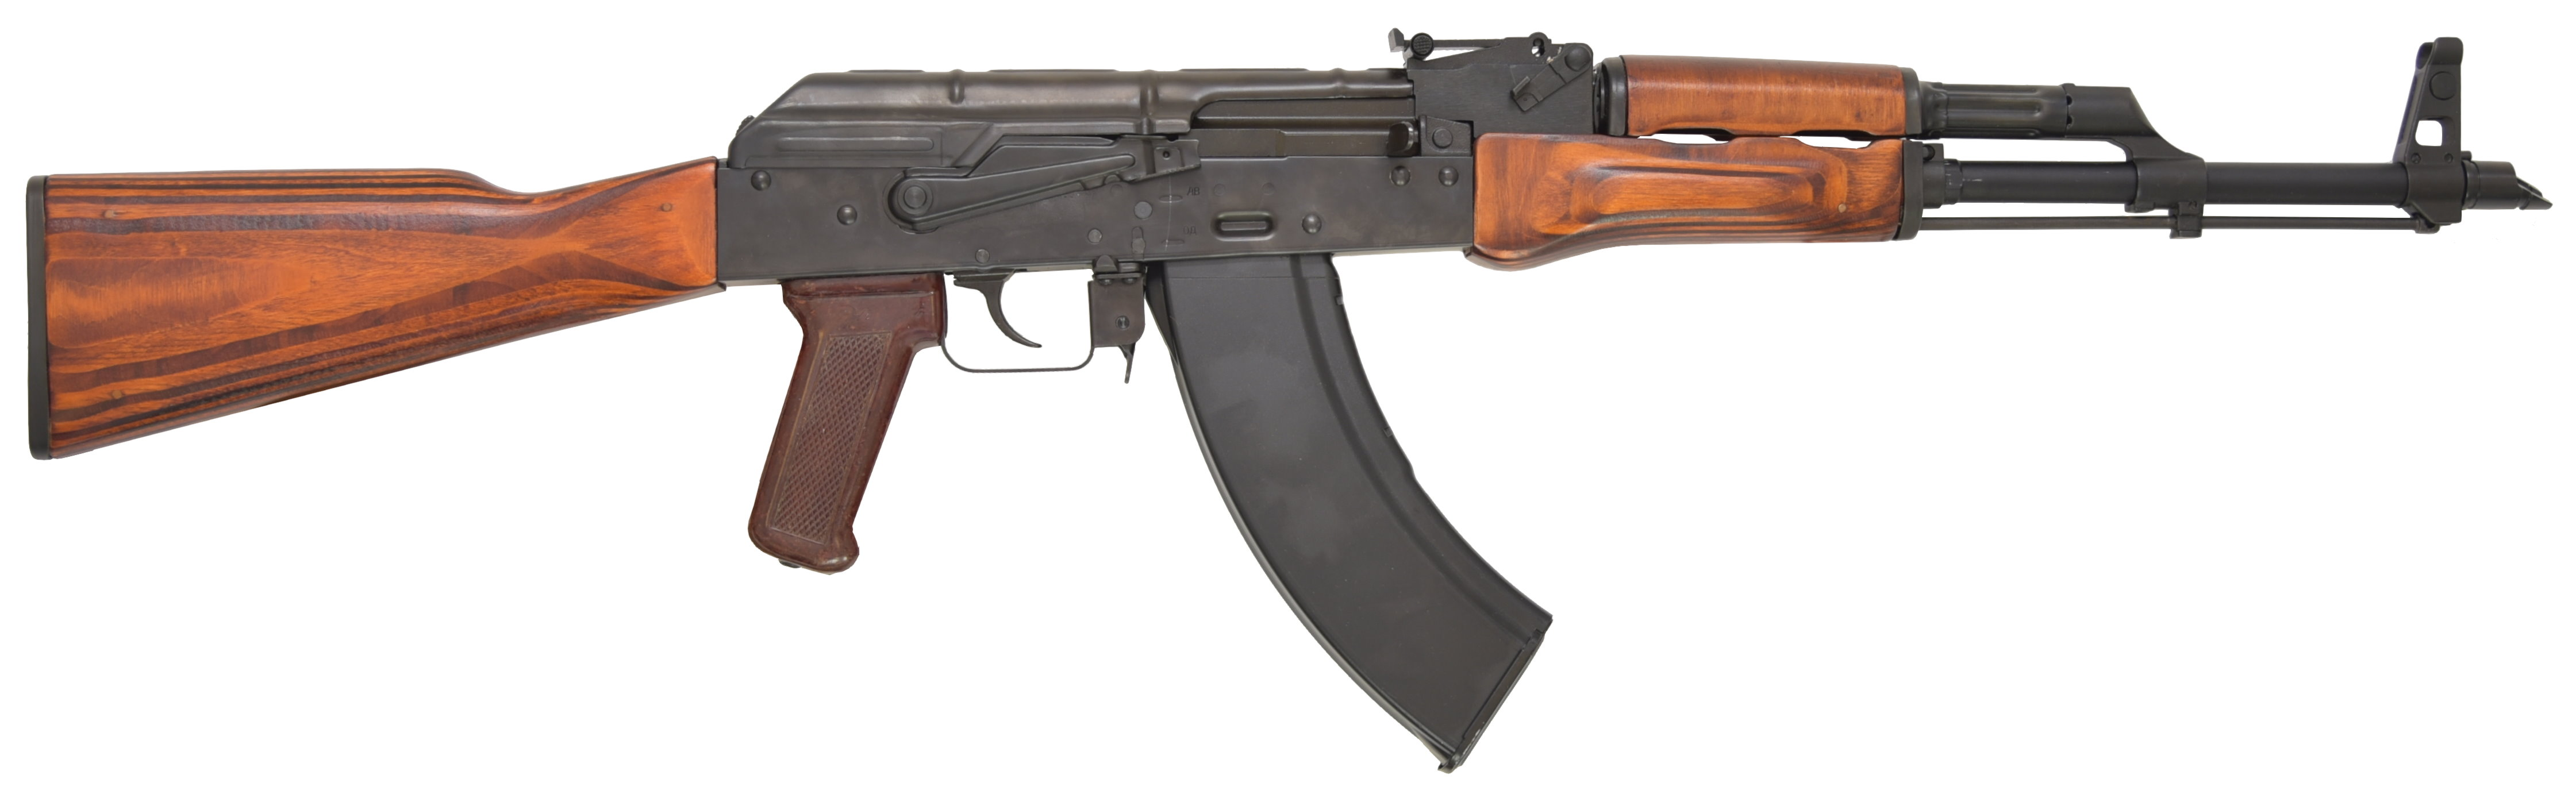 http://www.russ-guns-de.net/media/image/5f/ec/f8/AKM_Flyer_00011.jpg